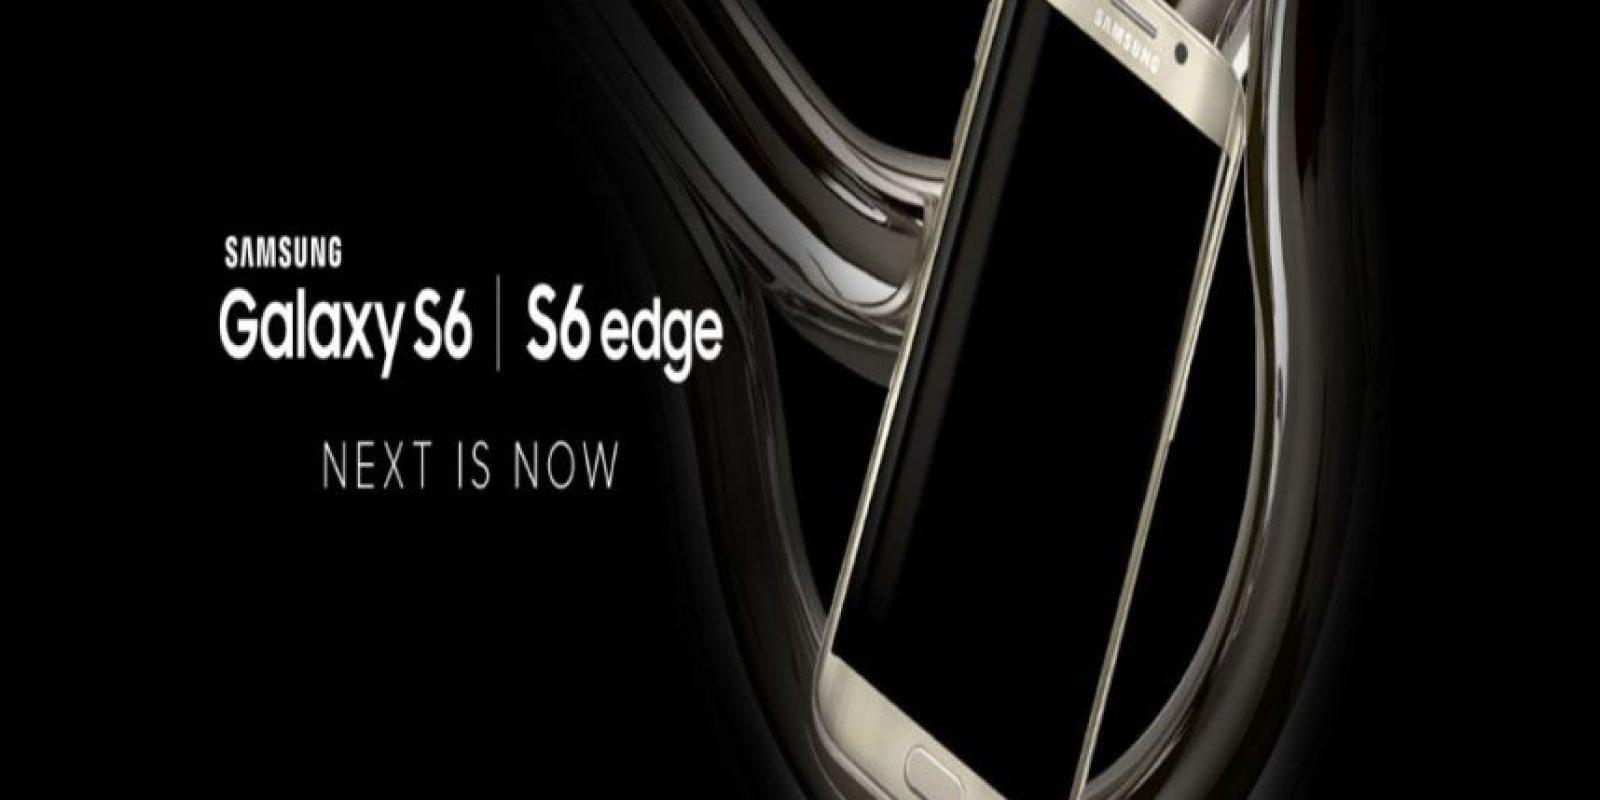 Como señalábamos, ambos dispositivos cuentan con una pantalla Super AMOLED de 5.1 pulgadas con resolución de 2560*1440 pixeles y 577ppi, aunque la versión Edge tiene una pantalla con doble borde. Foto:Samsung